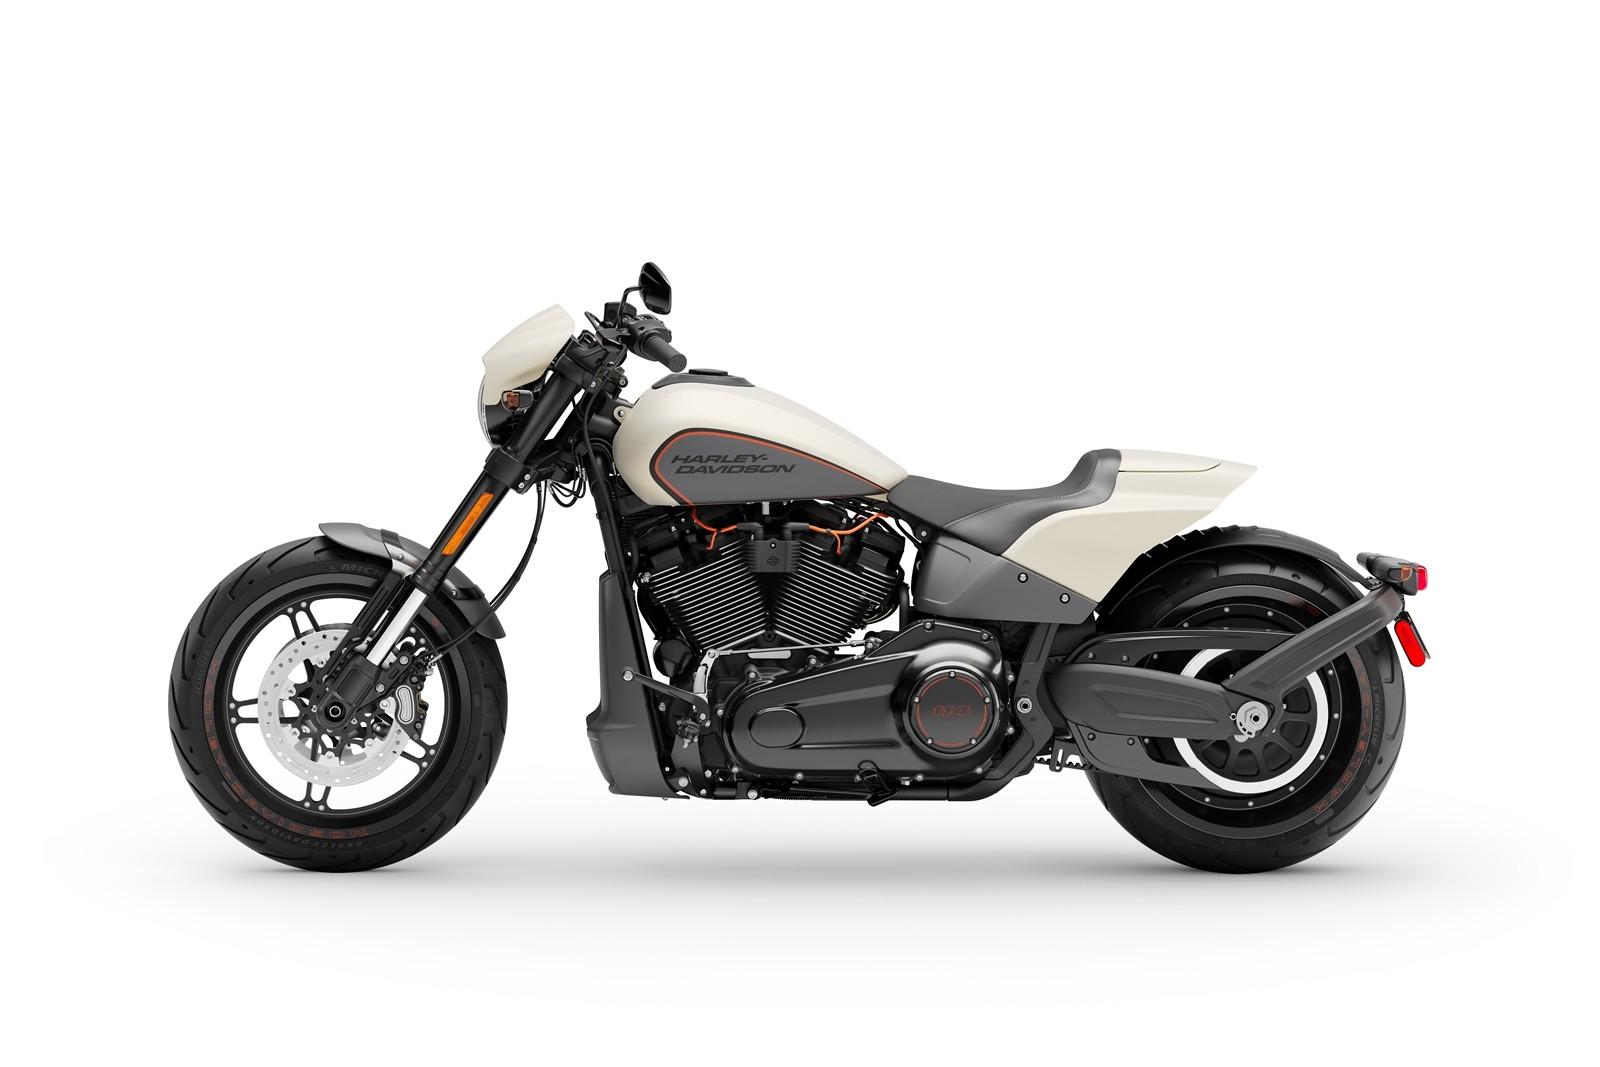 Foto de Harley-Davidson FXDR 114 2019 (2/9)